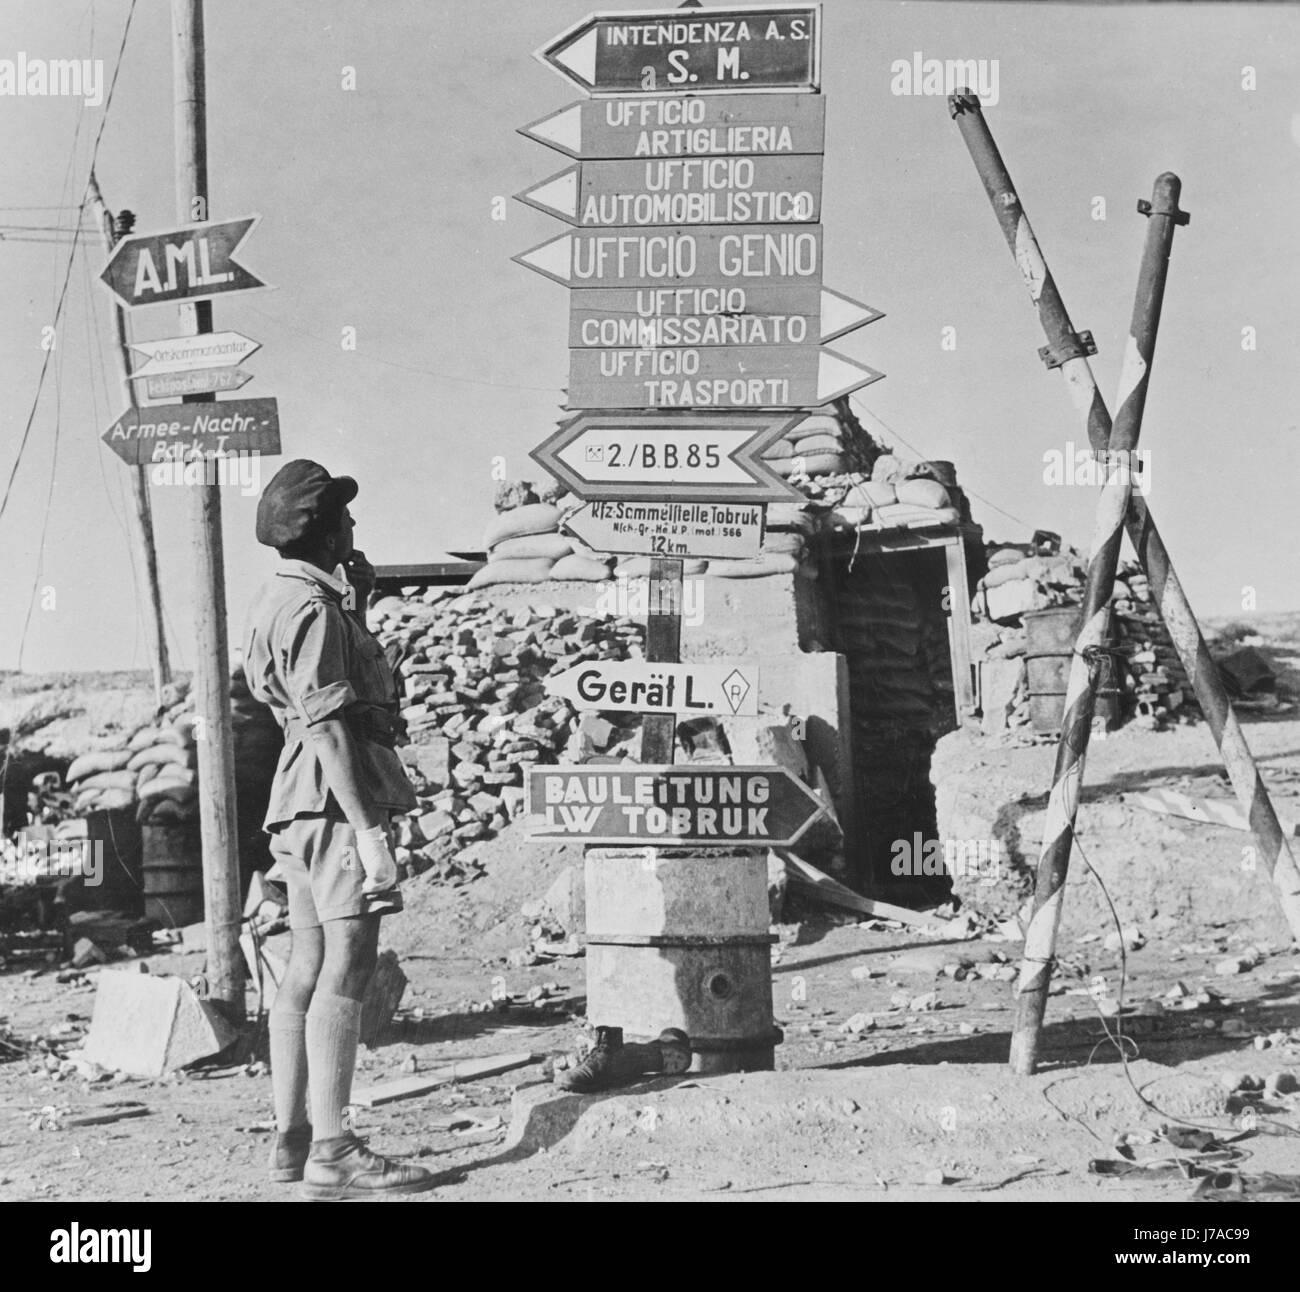 Sign posts printed in German and Italian at a street corner in Tobruk, Libya, circa 1942. - Stock Image